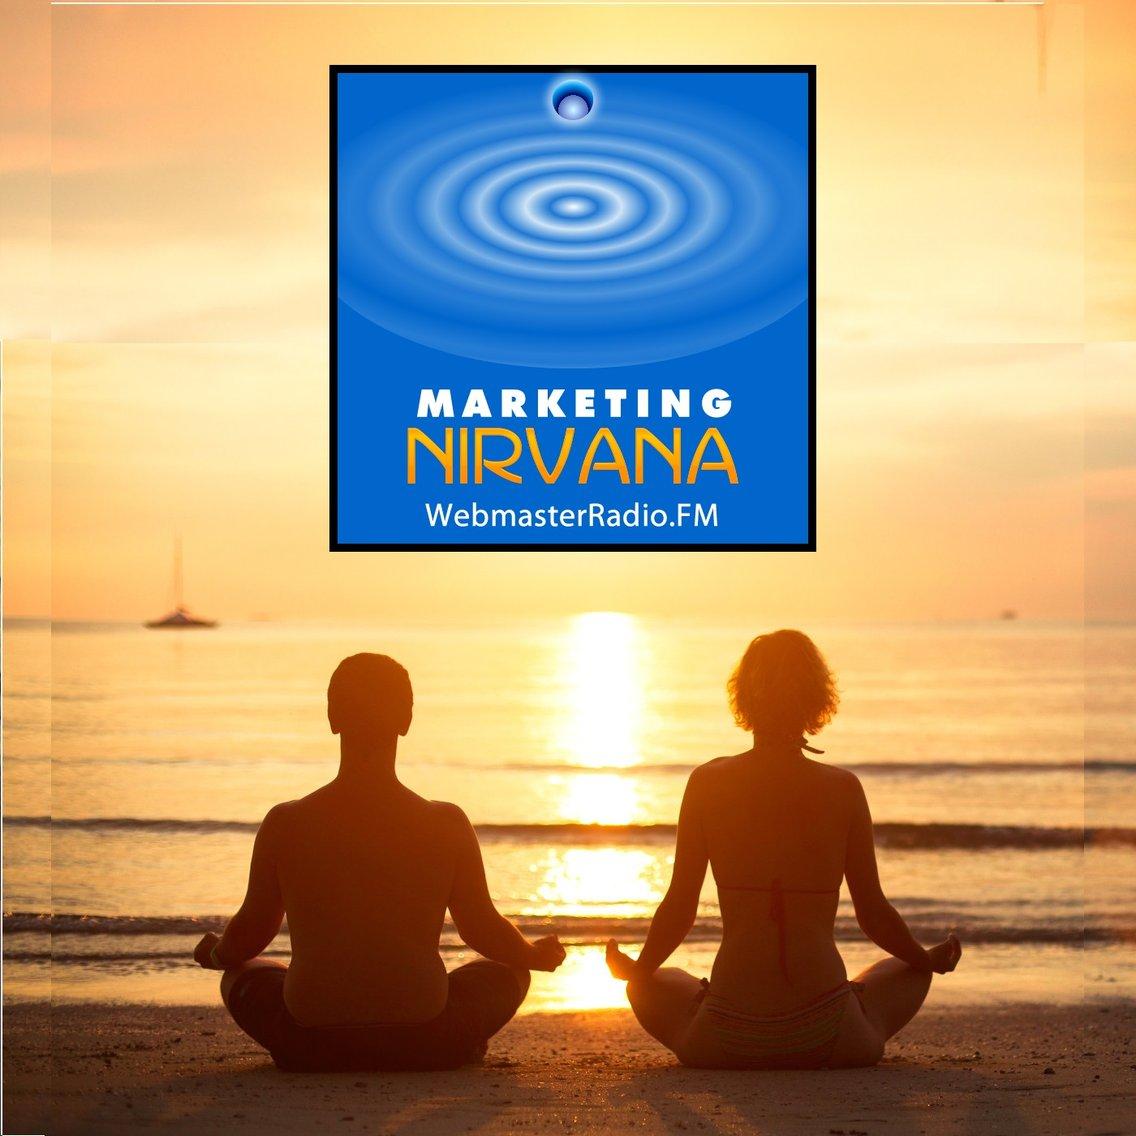 Marketing Nirvana - imagen de portada